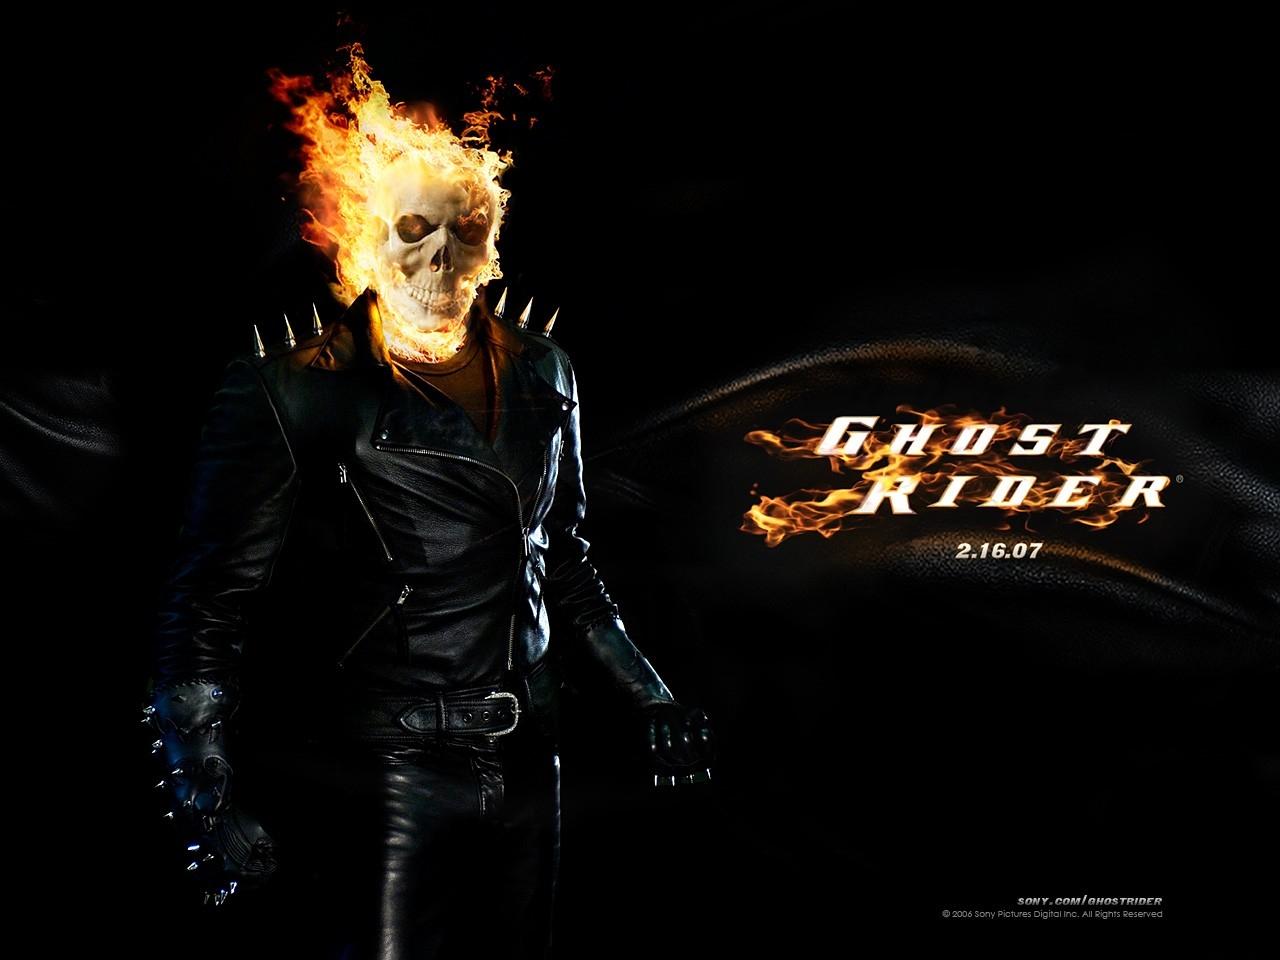 Un bellissimo wallpaper del film Ghost Rider